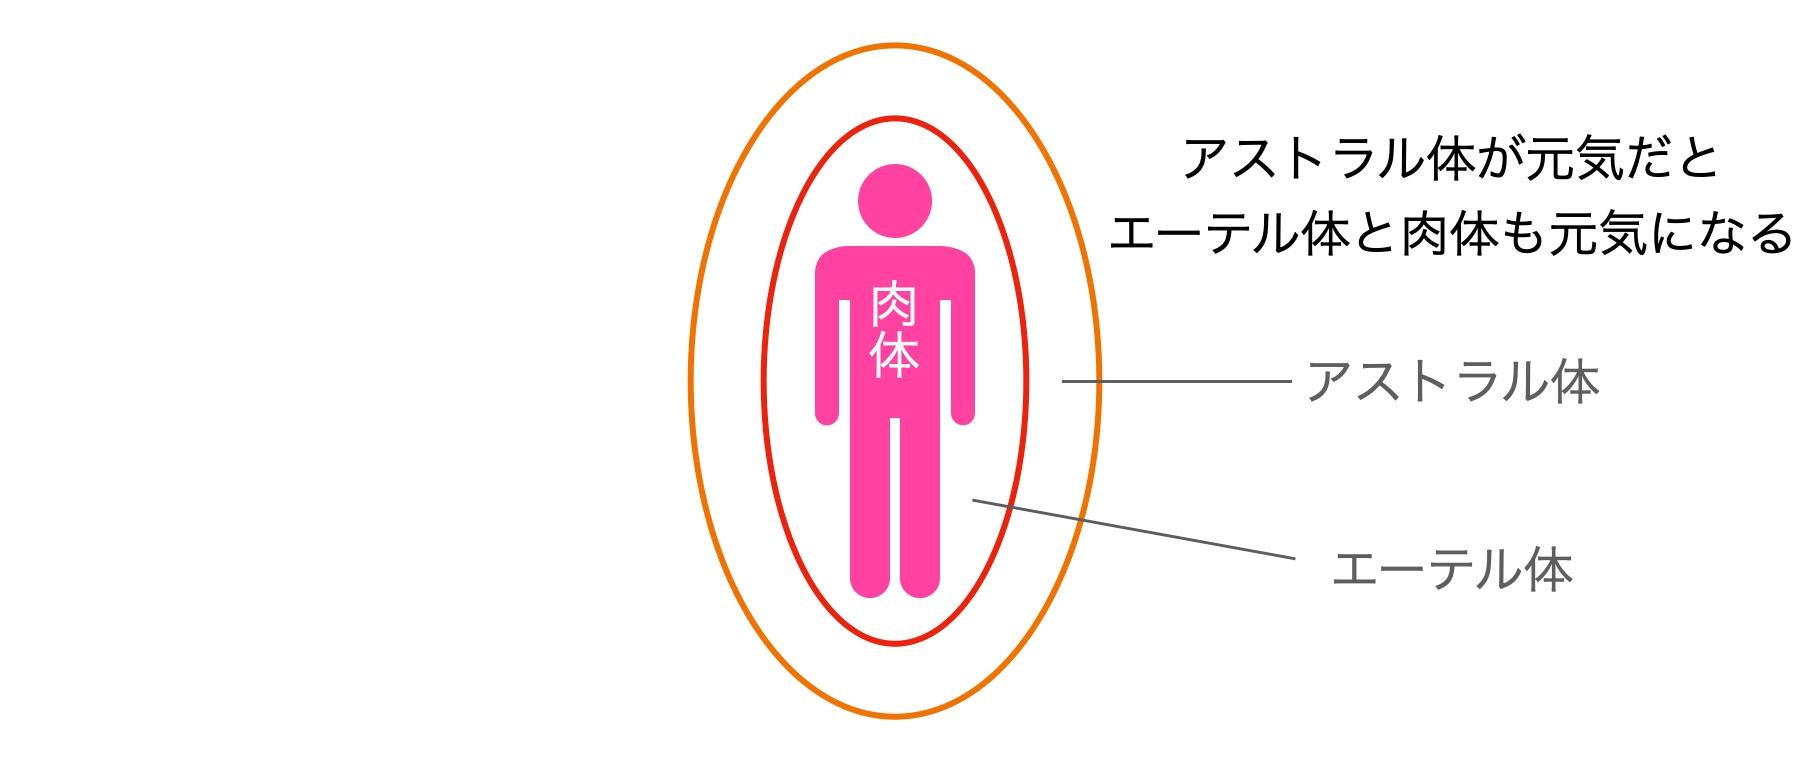 アストラル体とエーテル体と肉体